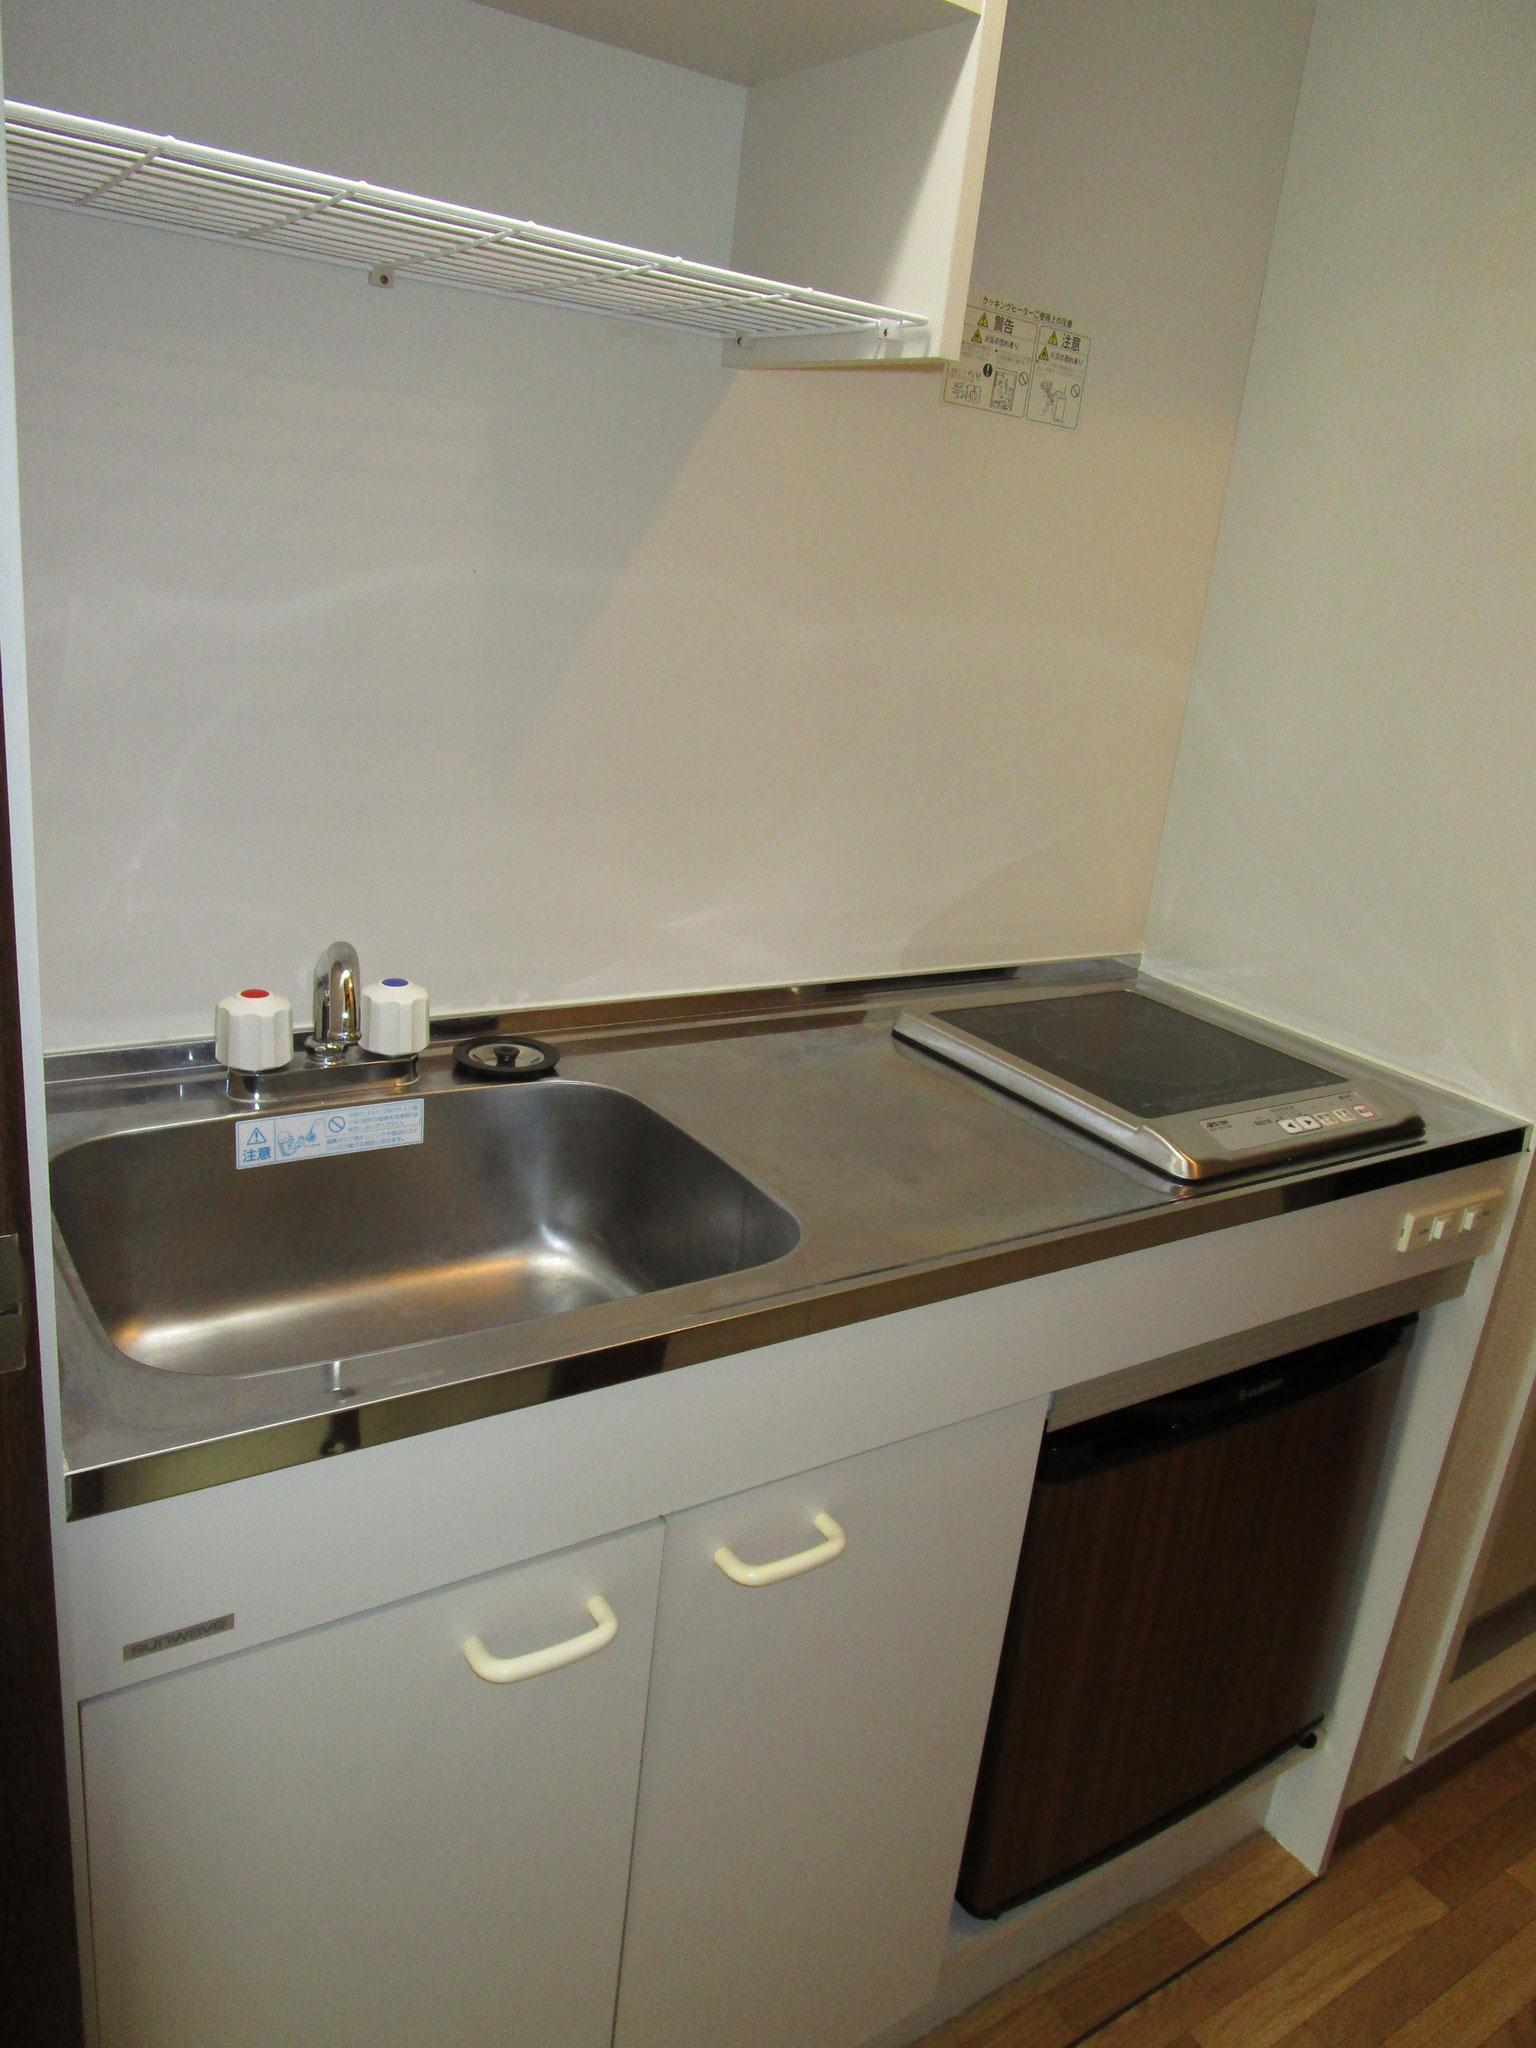 そのお隣はキッチン。IHクッキングヒーター、ミニ冷蔵庫付き